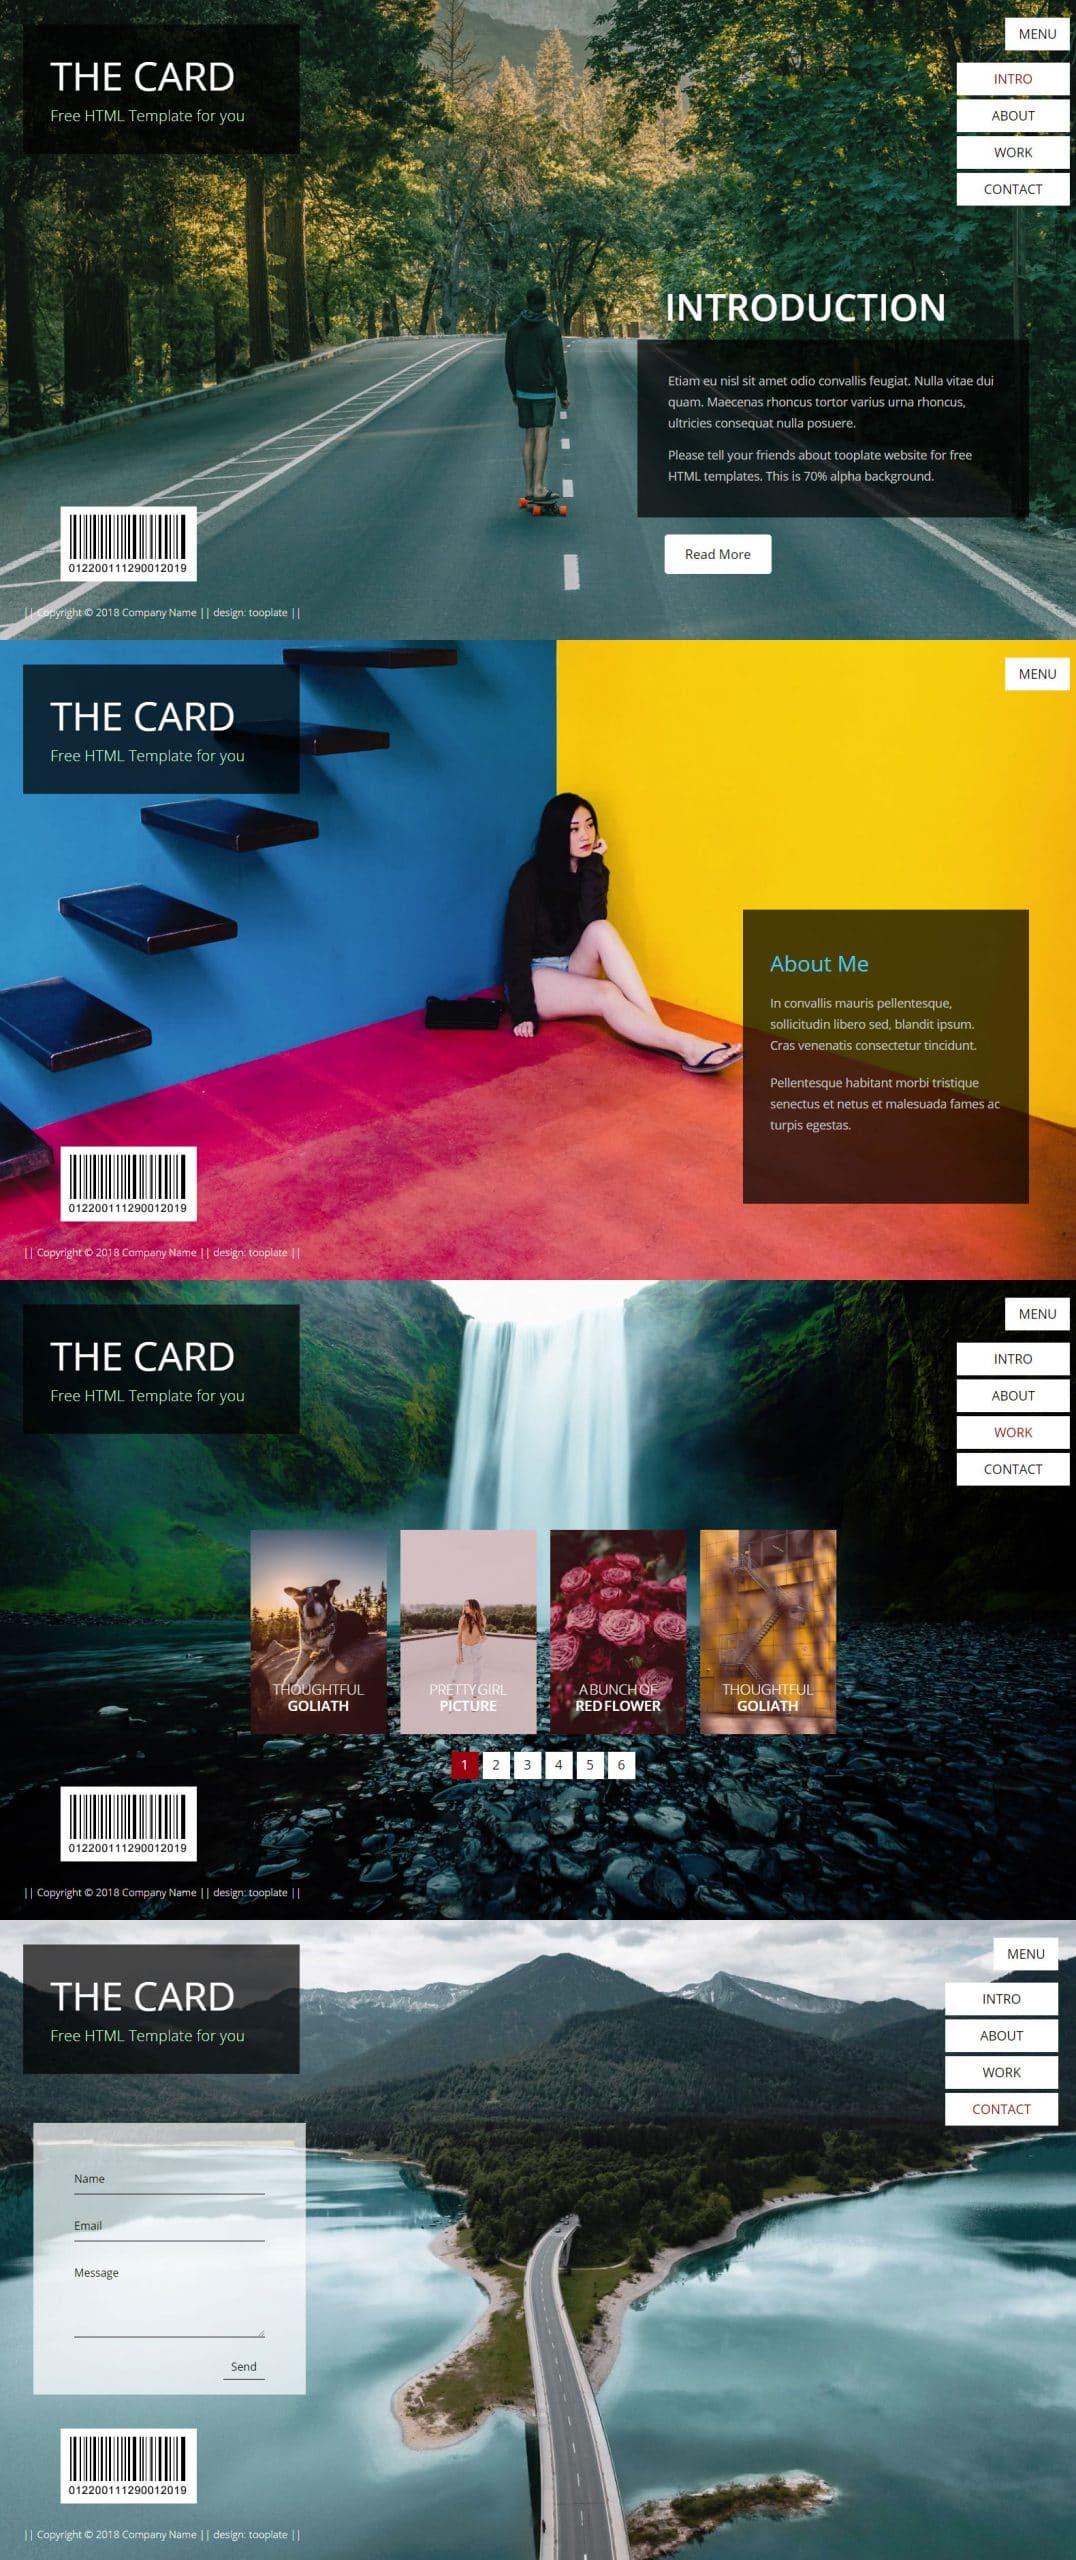 The Card Portfolio - HTML template for portfolio websites